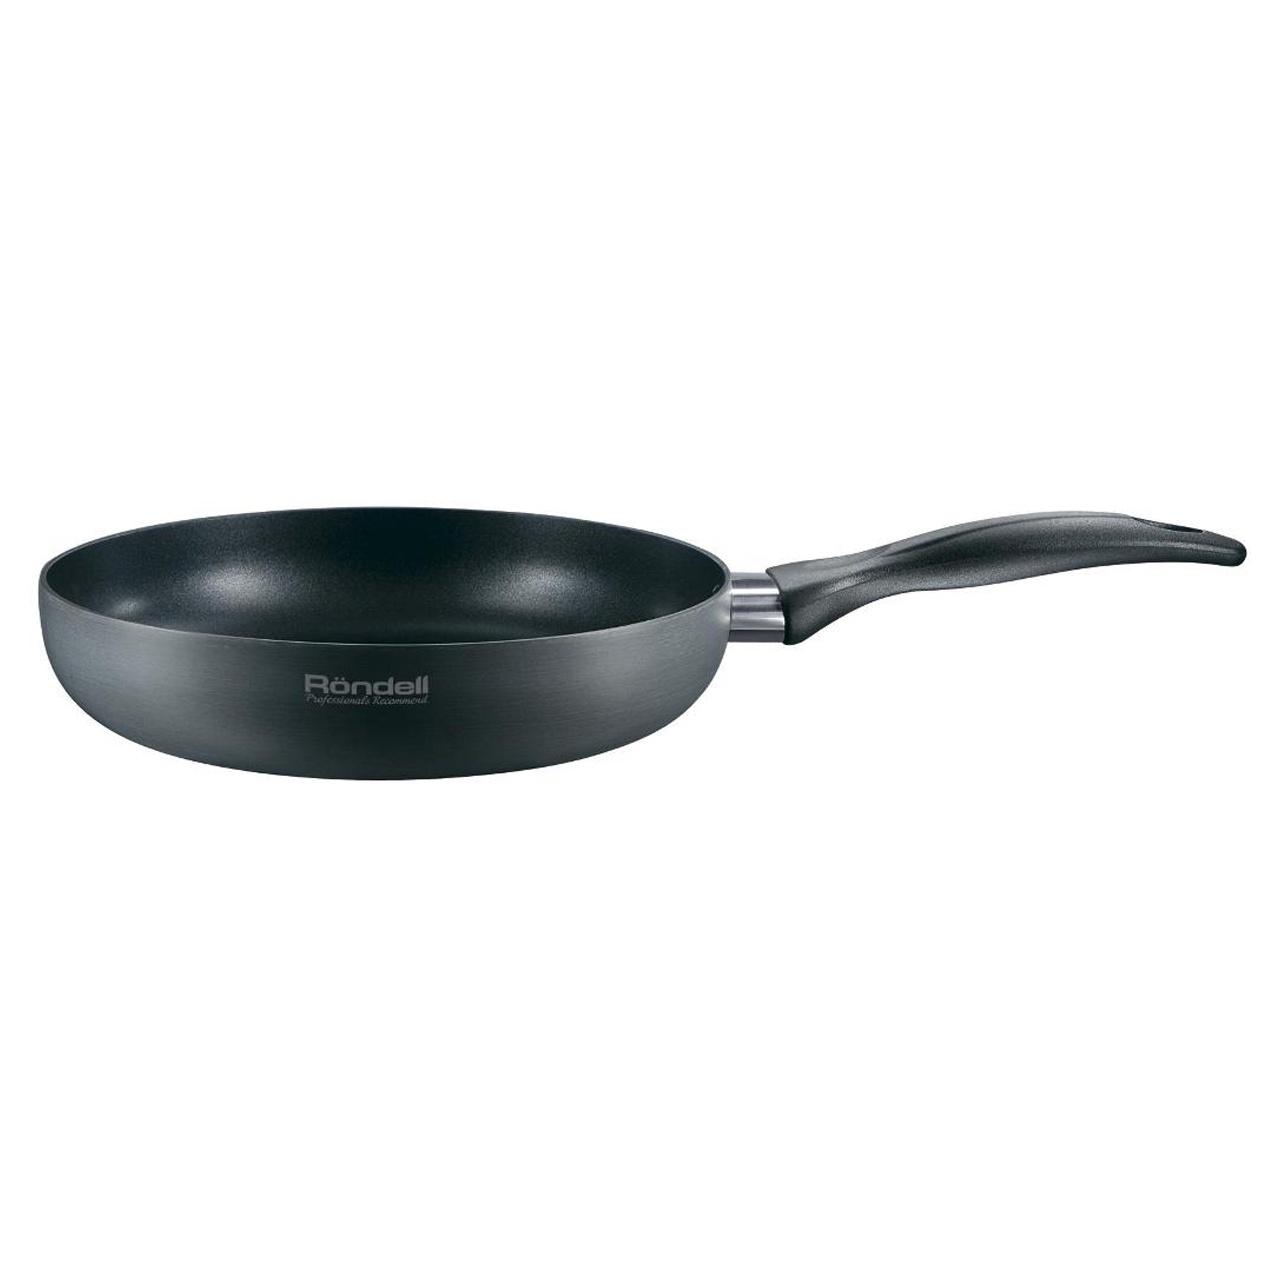 Сковорода Rondell Weller 20 см RDA-062 rondell сковорода weller 24 см без крышки rda 063 rondell